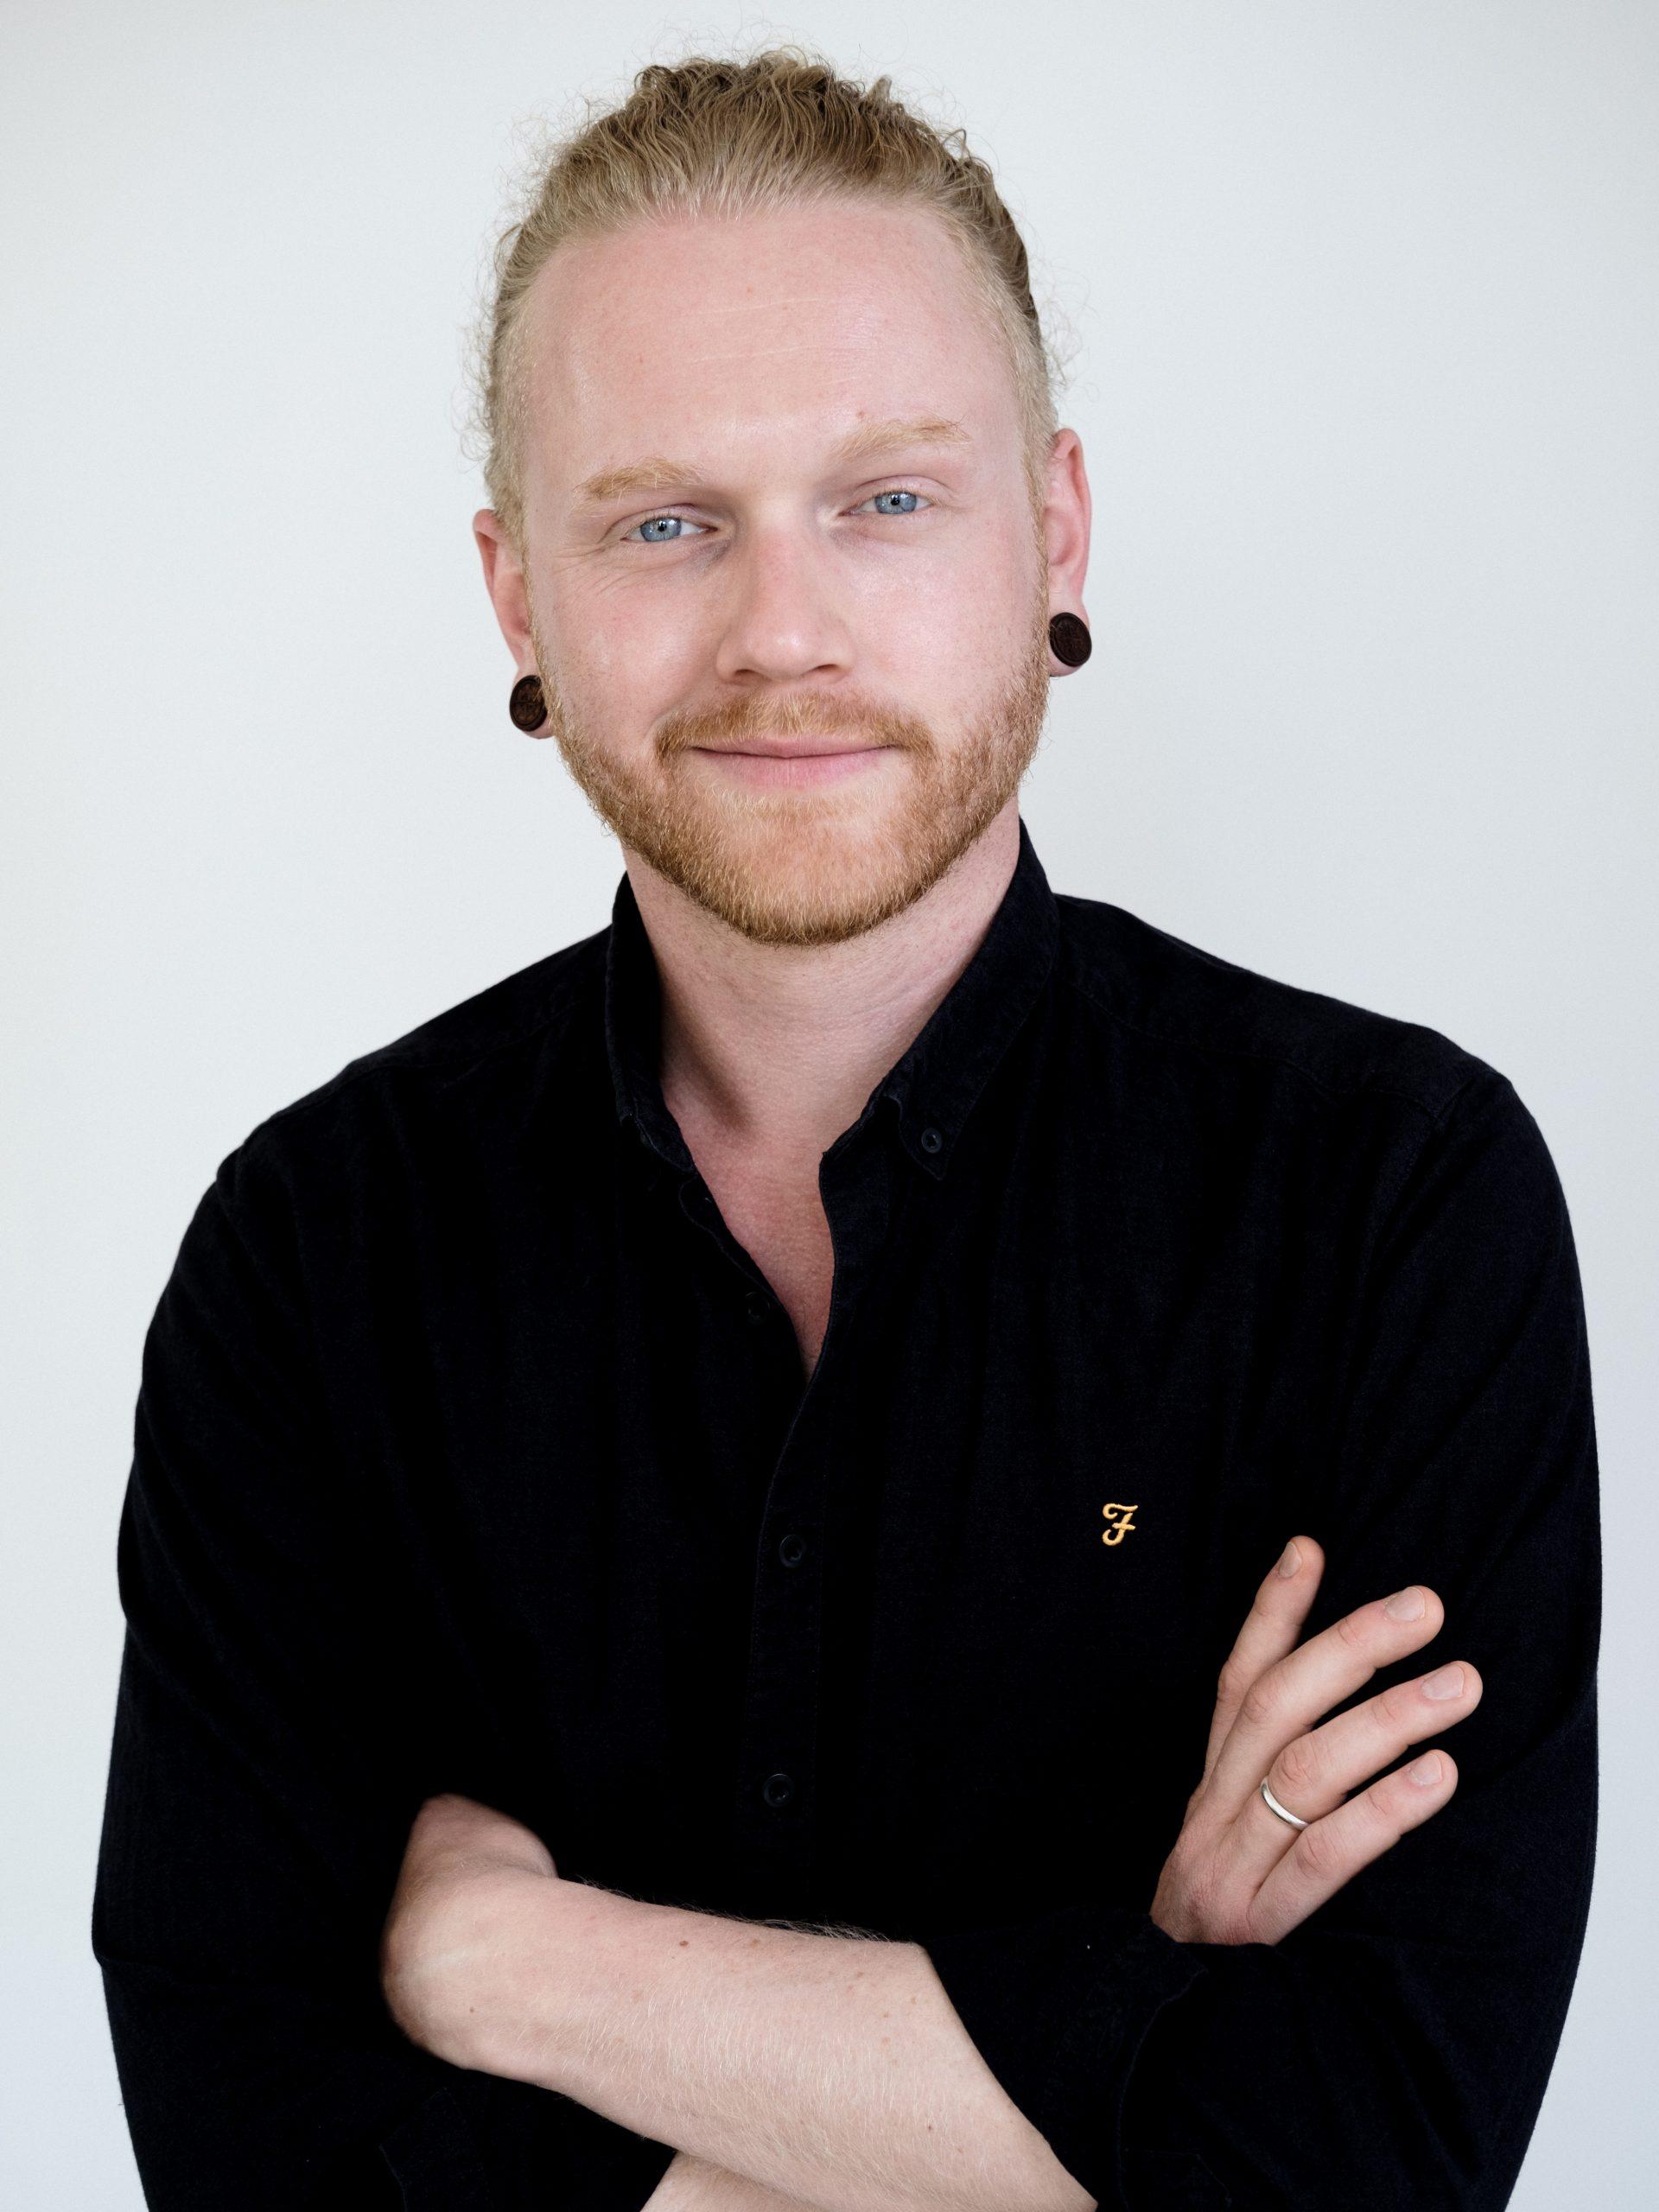 Felix Texter